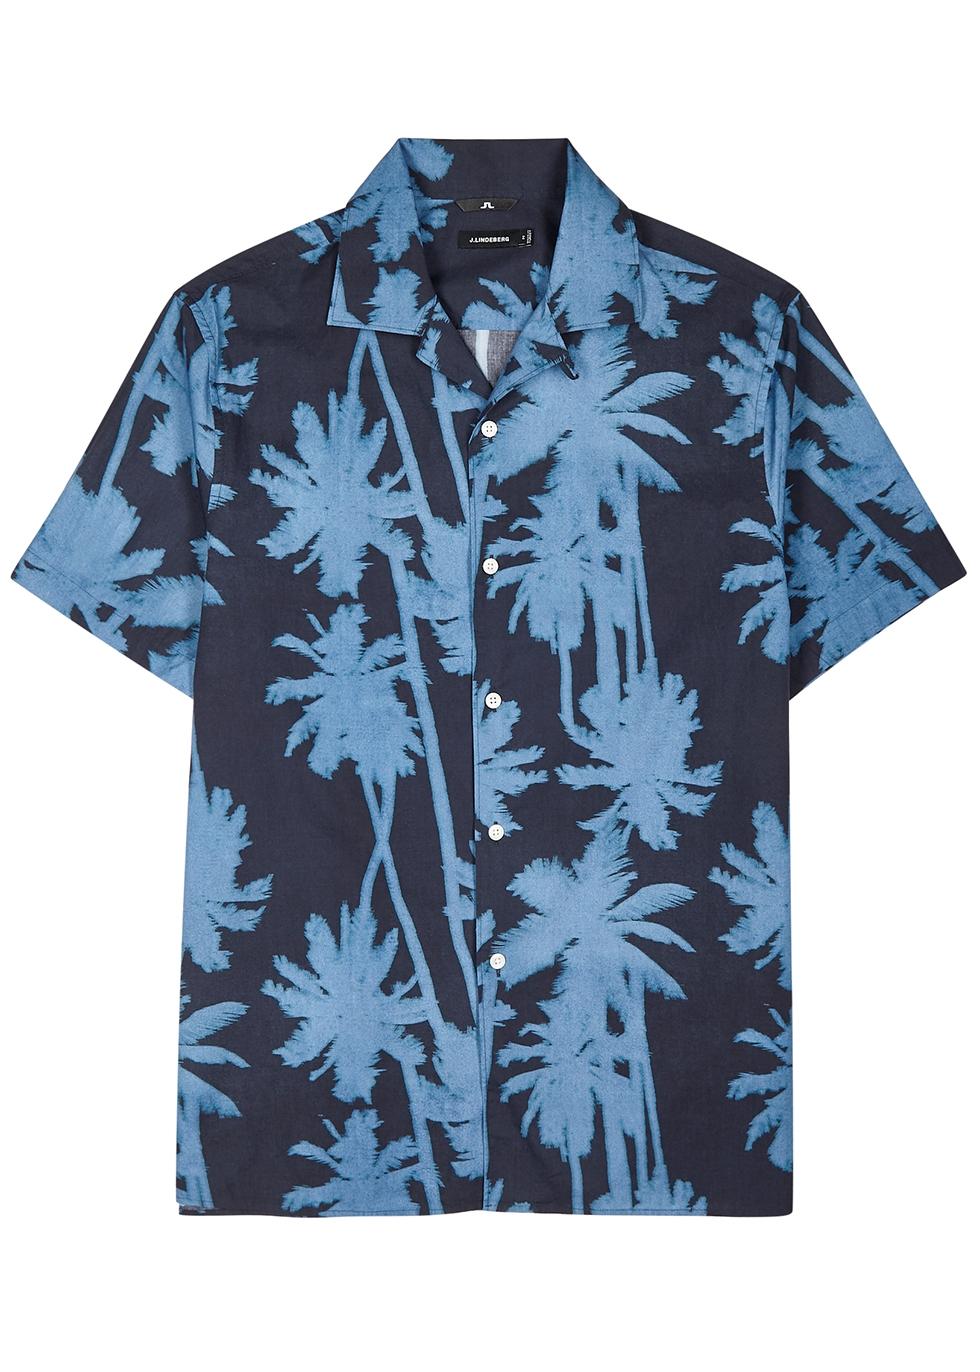 477a4990a Men's Designer Shirts - Harvey Nichols